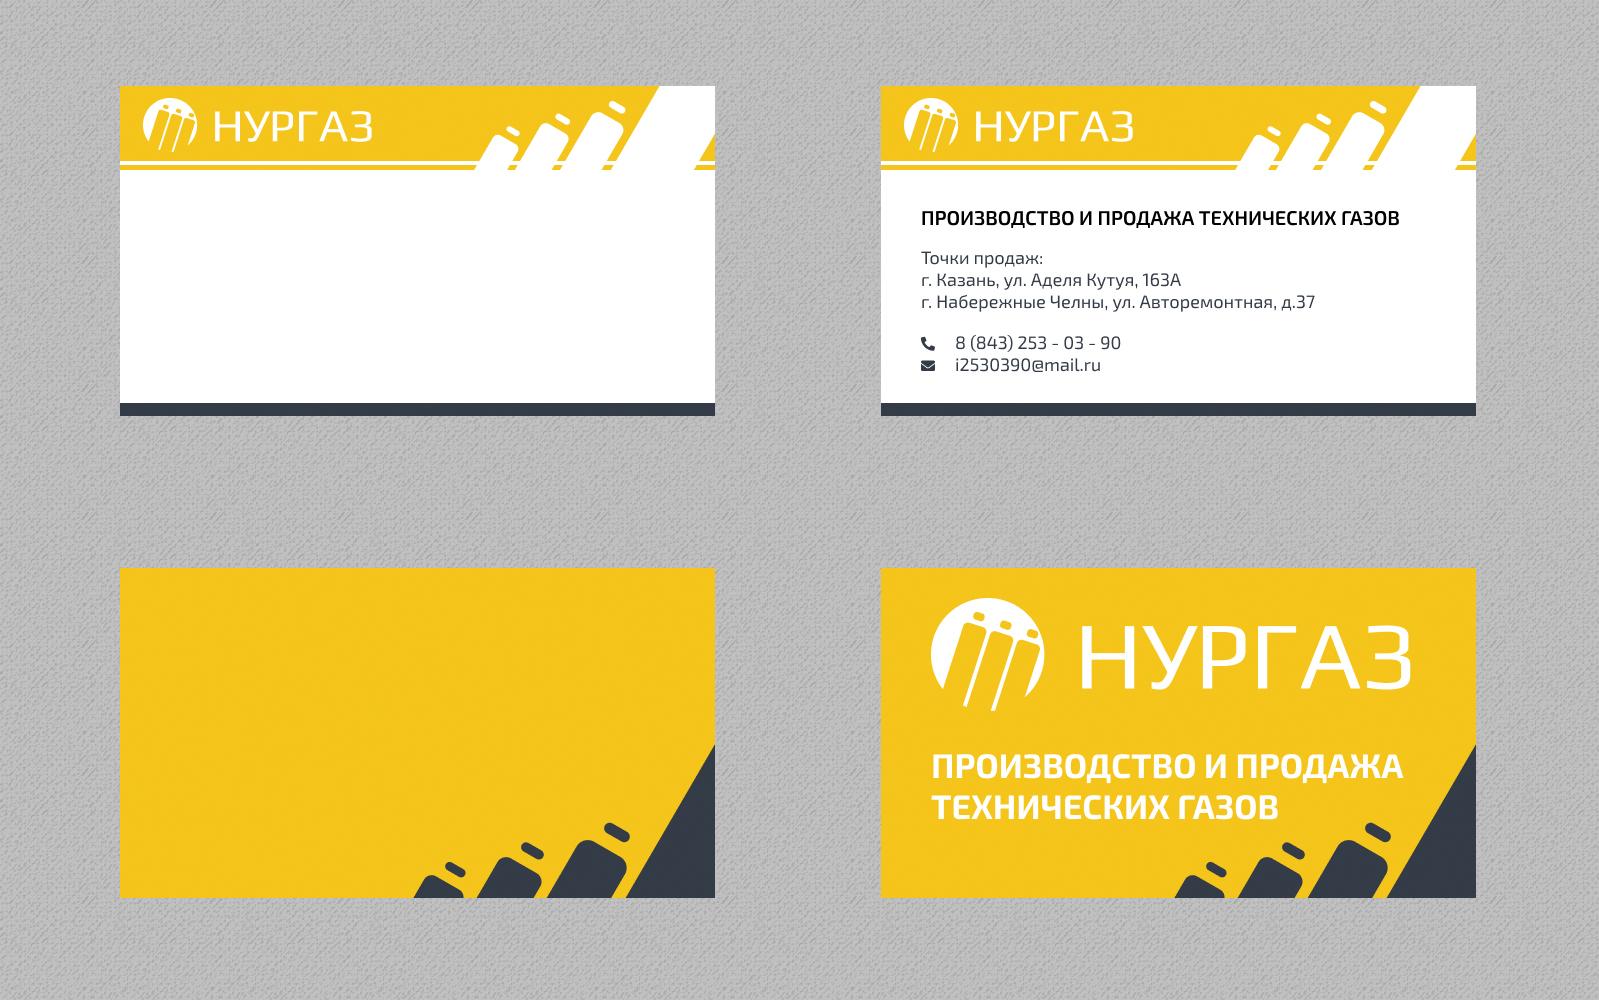 Разработка логотипа и фирменного стиля фото f_7595d9cdd801b31a.jpg